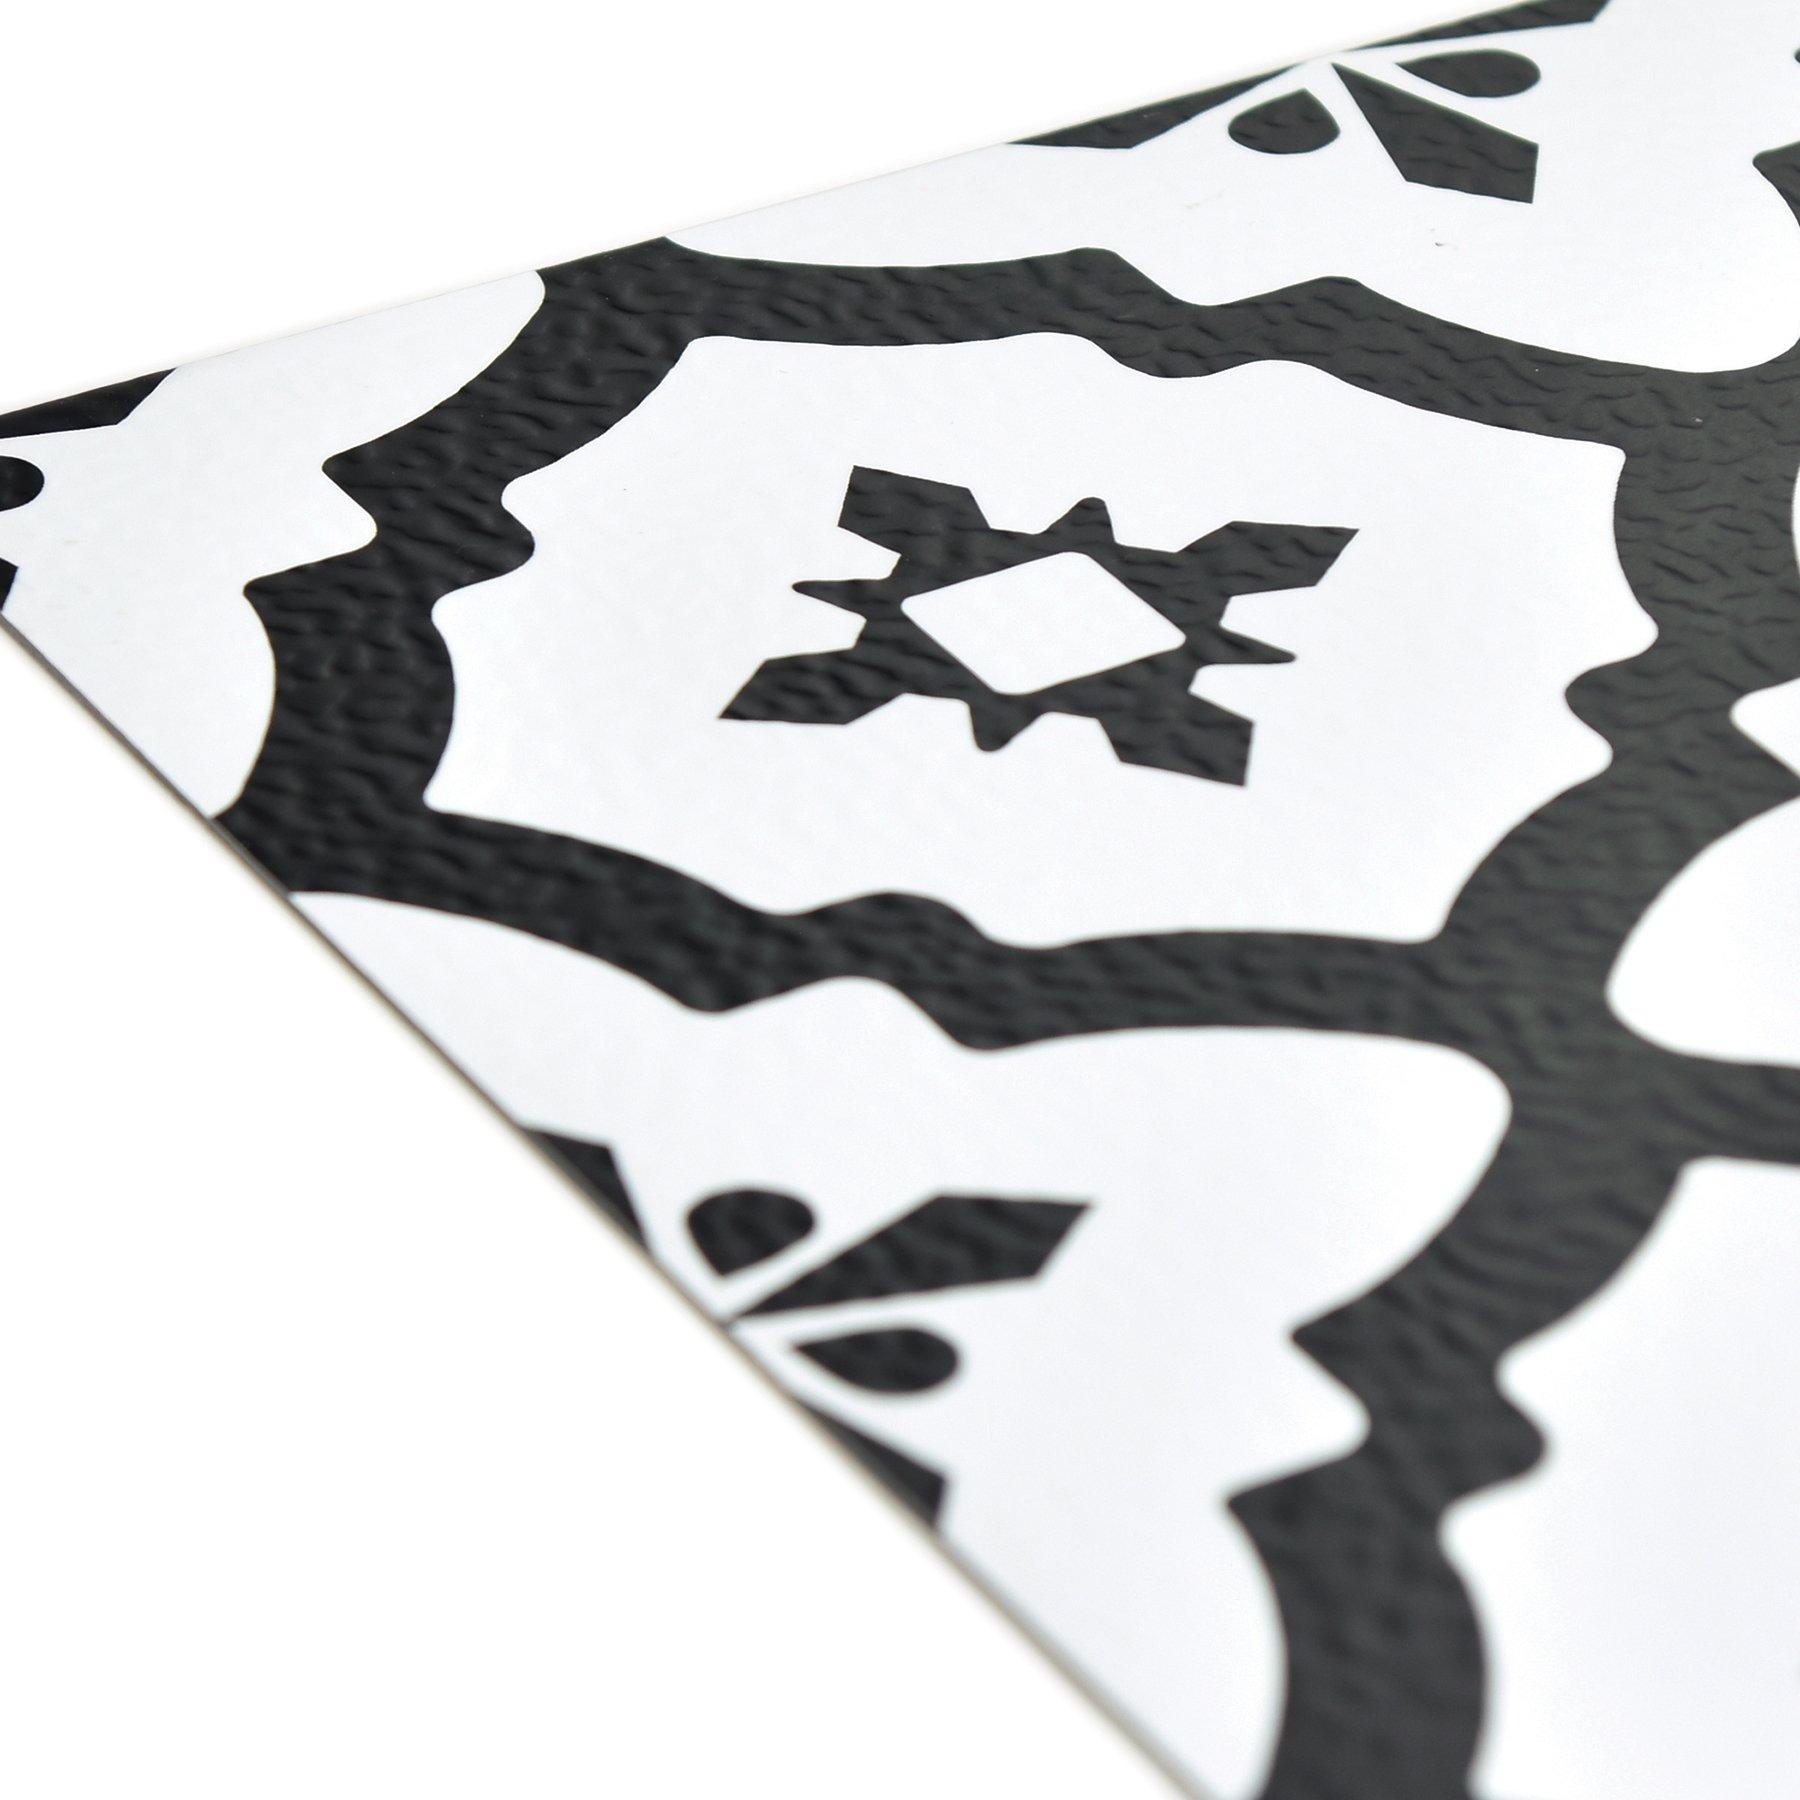 FloorPops FP2480 Comet Peel & Stick Tiles Floor Decal Black by FloorPops (Image #5)